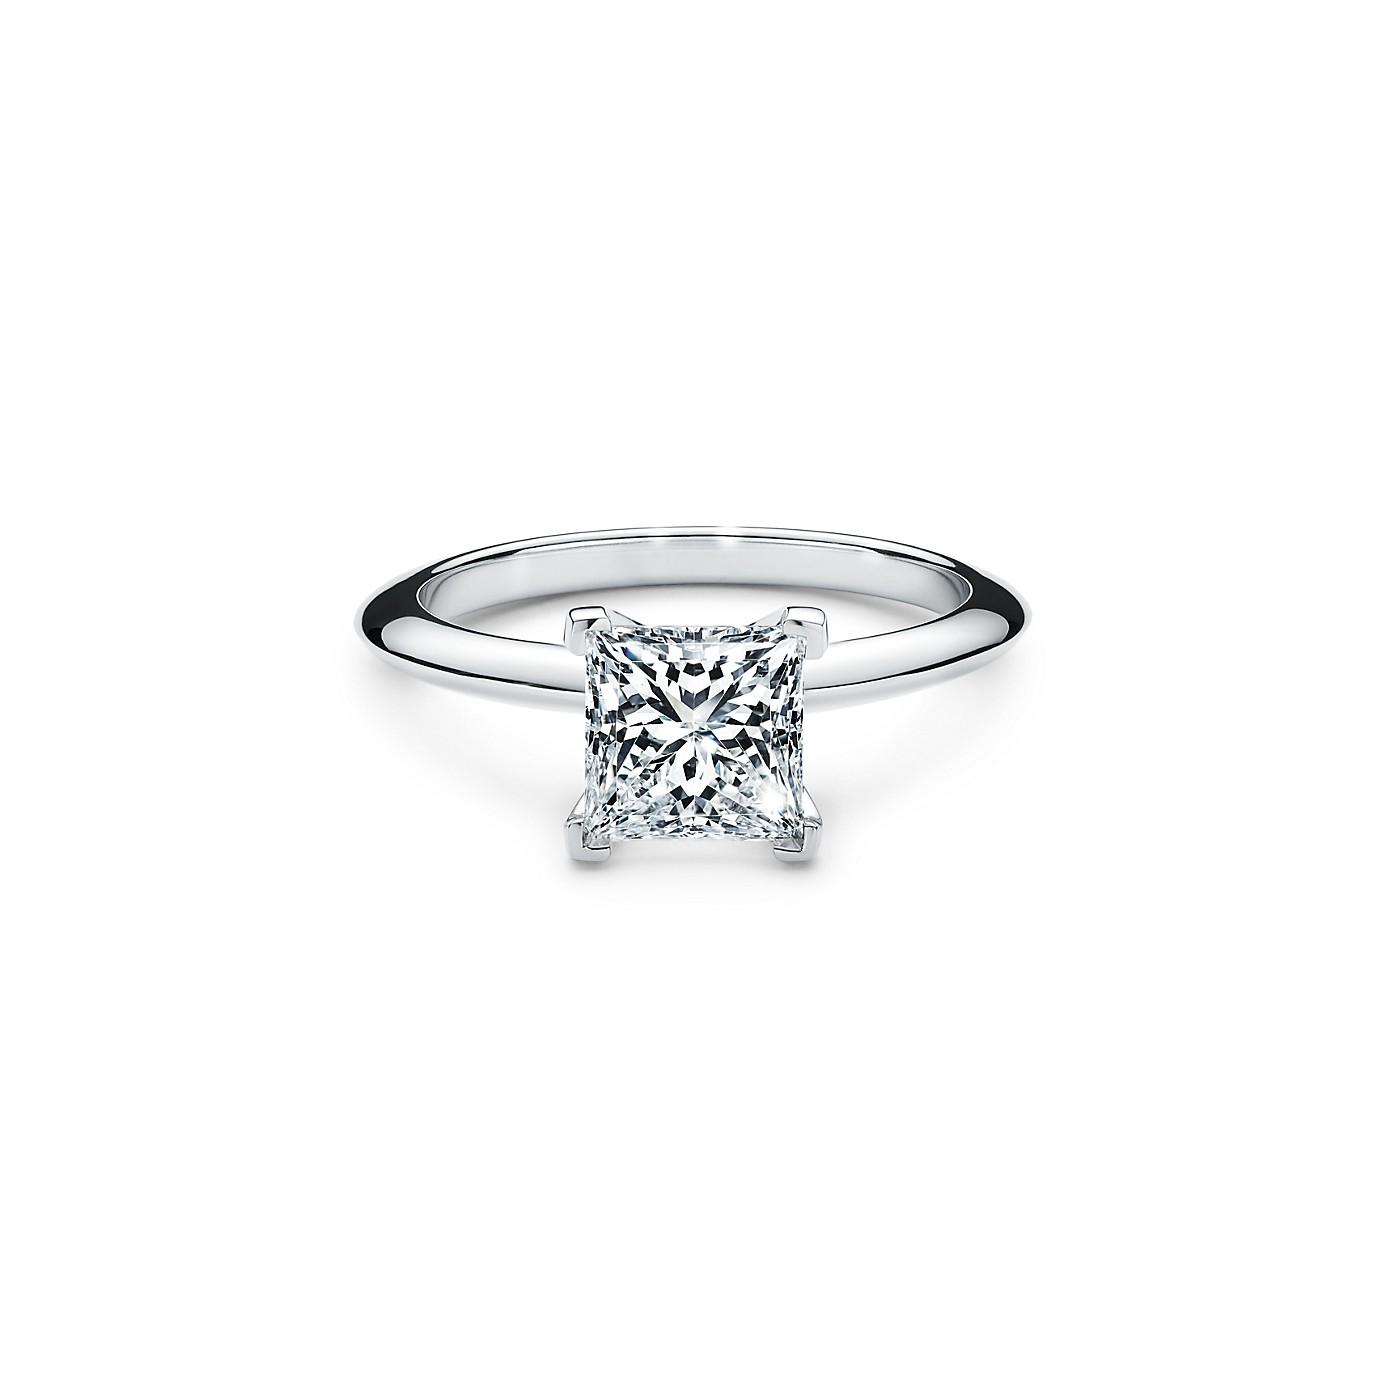 プリンセス カット ダイヤモンド エンゲージメント リング(1)―Tiffany & Co.(ティファニー)